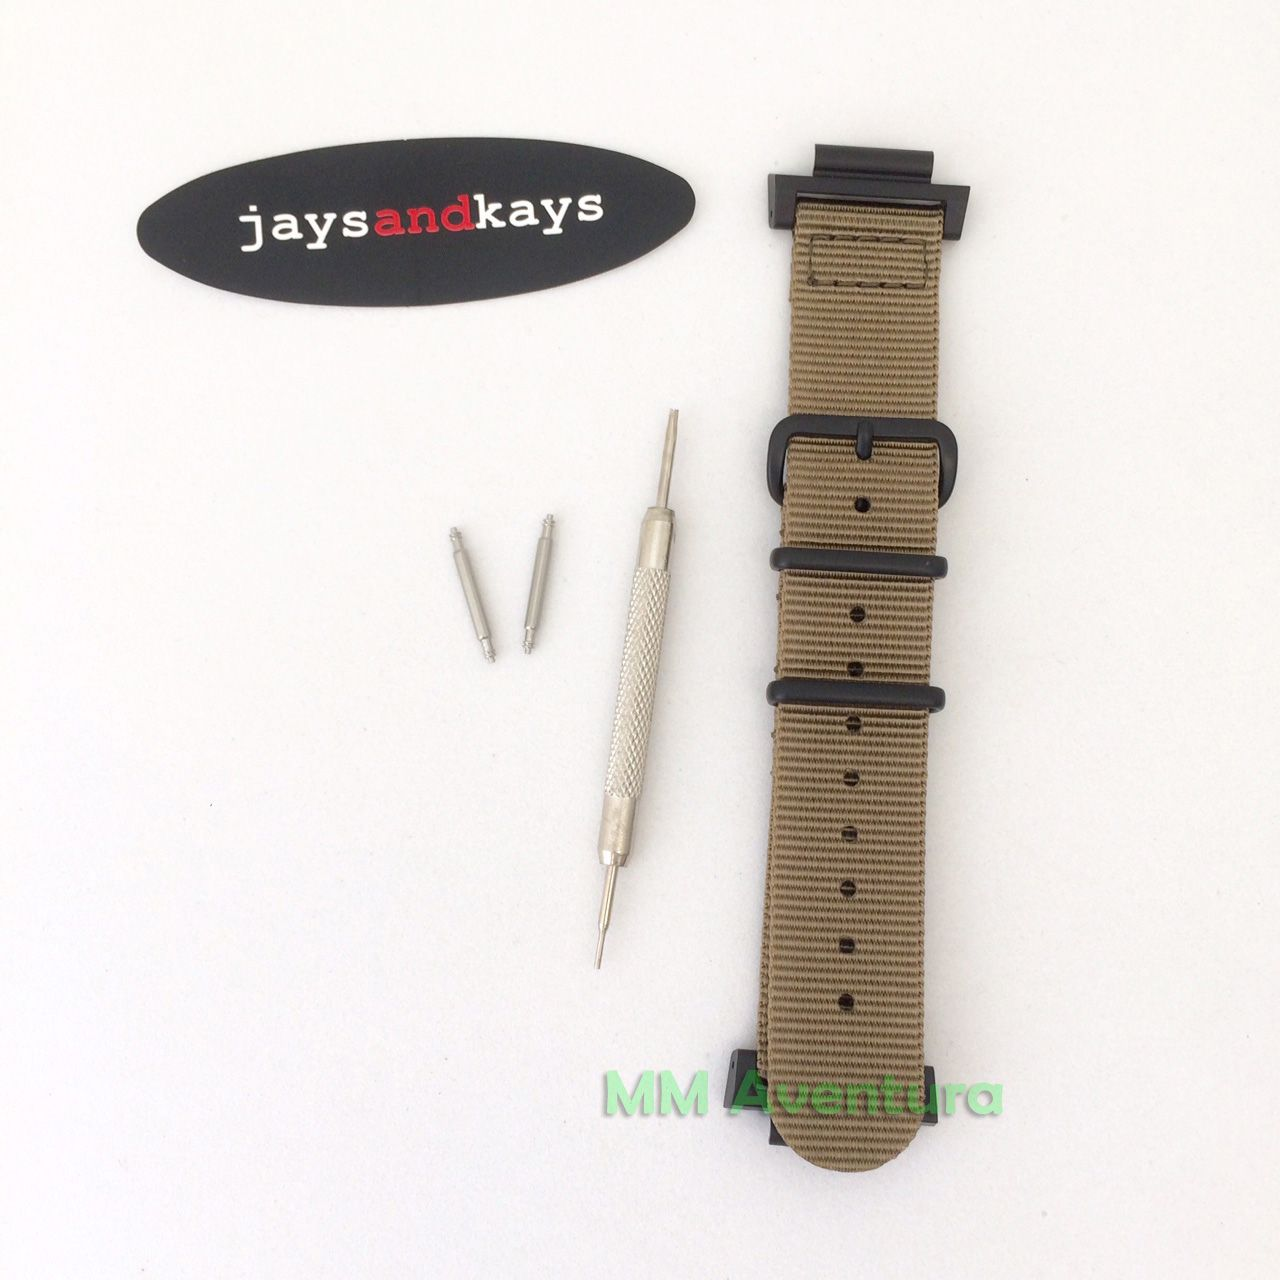 Pulseira Nylon 2pç Nato JaysAndKays p/ G-Shock 20mm p/ DW5600 e outros